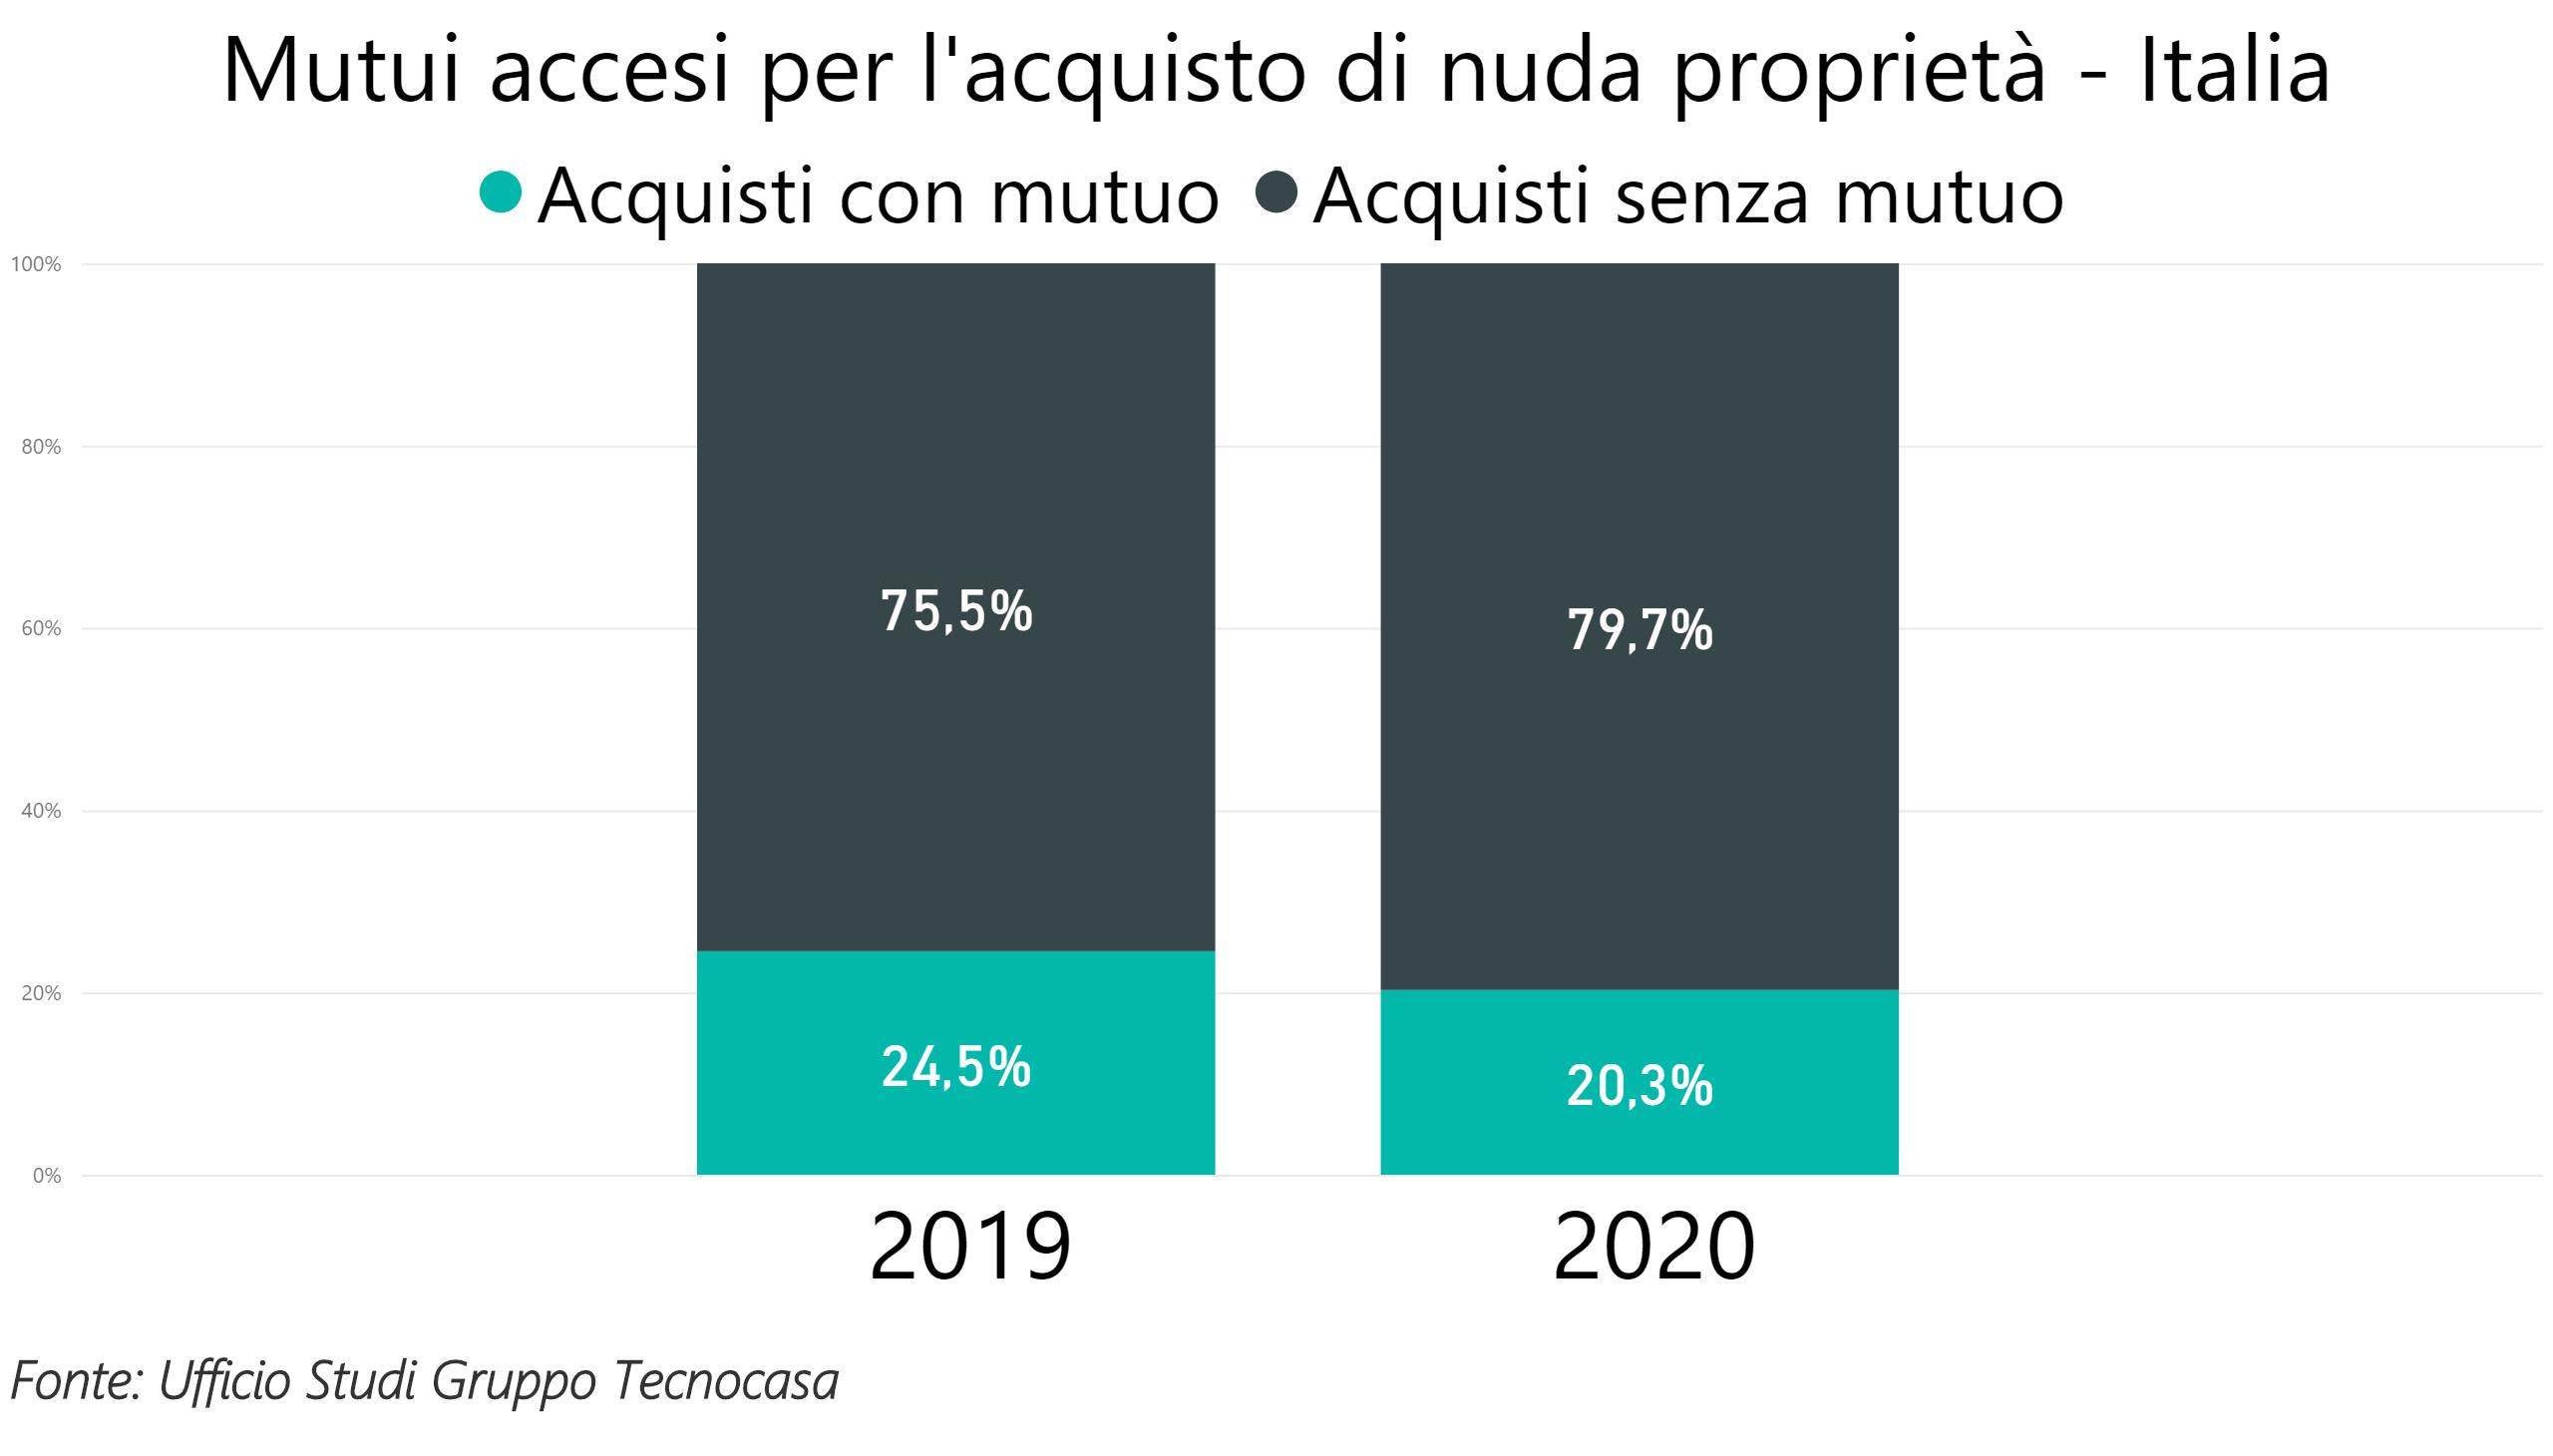 Dati del 2020 sugli acquisti immobiliari di nuda proprietà